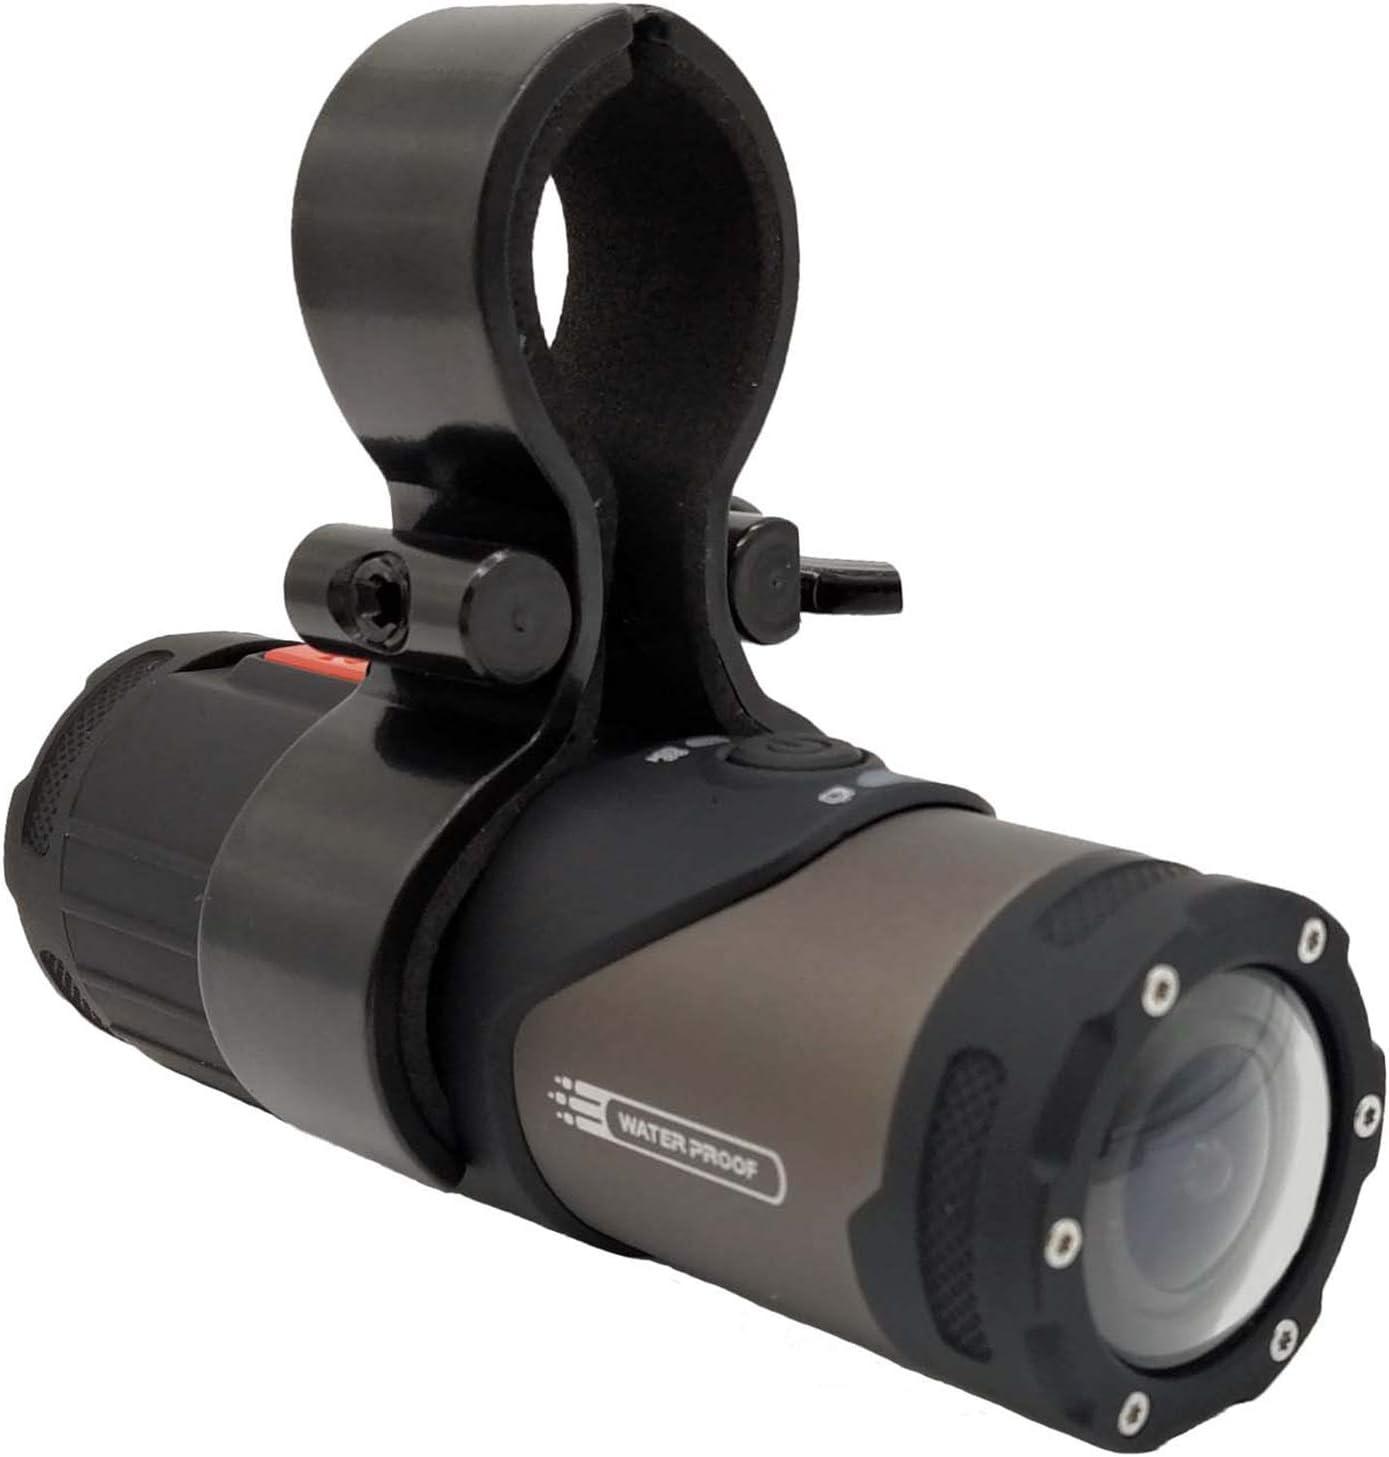 奉呈 ABLEBRO Shotgun Camera 人気の定番 WiFiAPP Control Action HD Full 1080P Vid